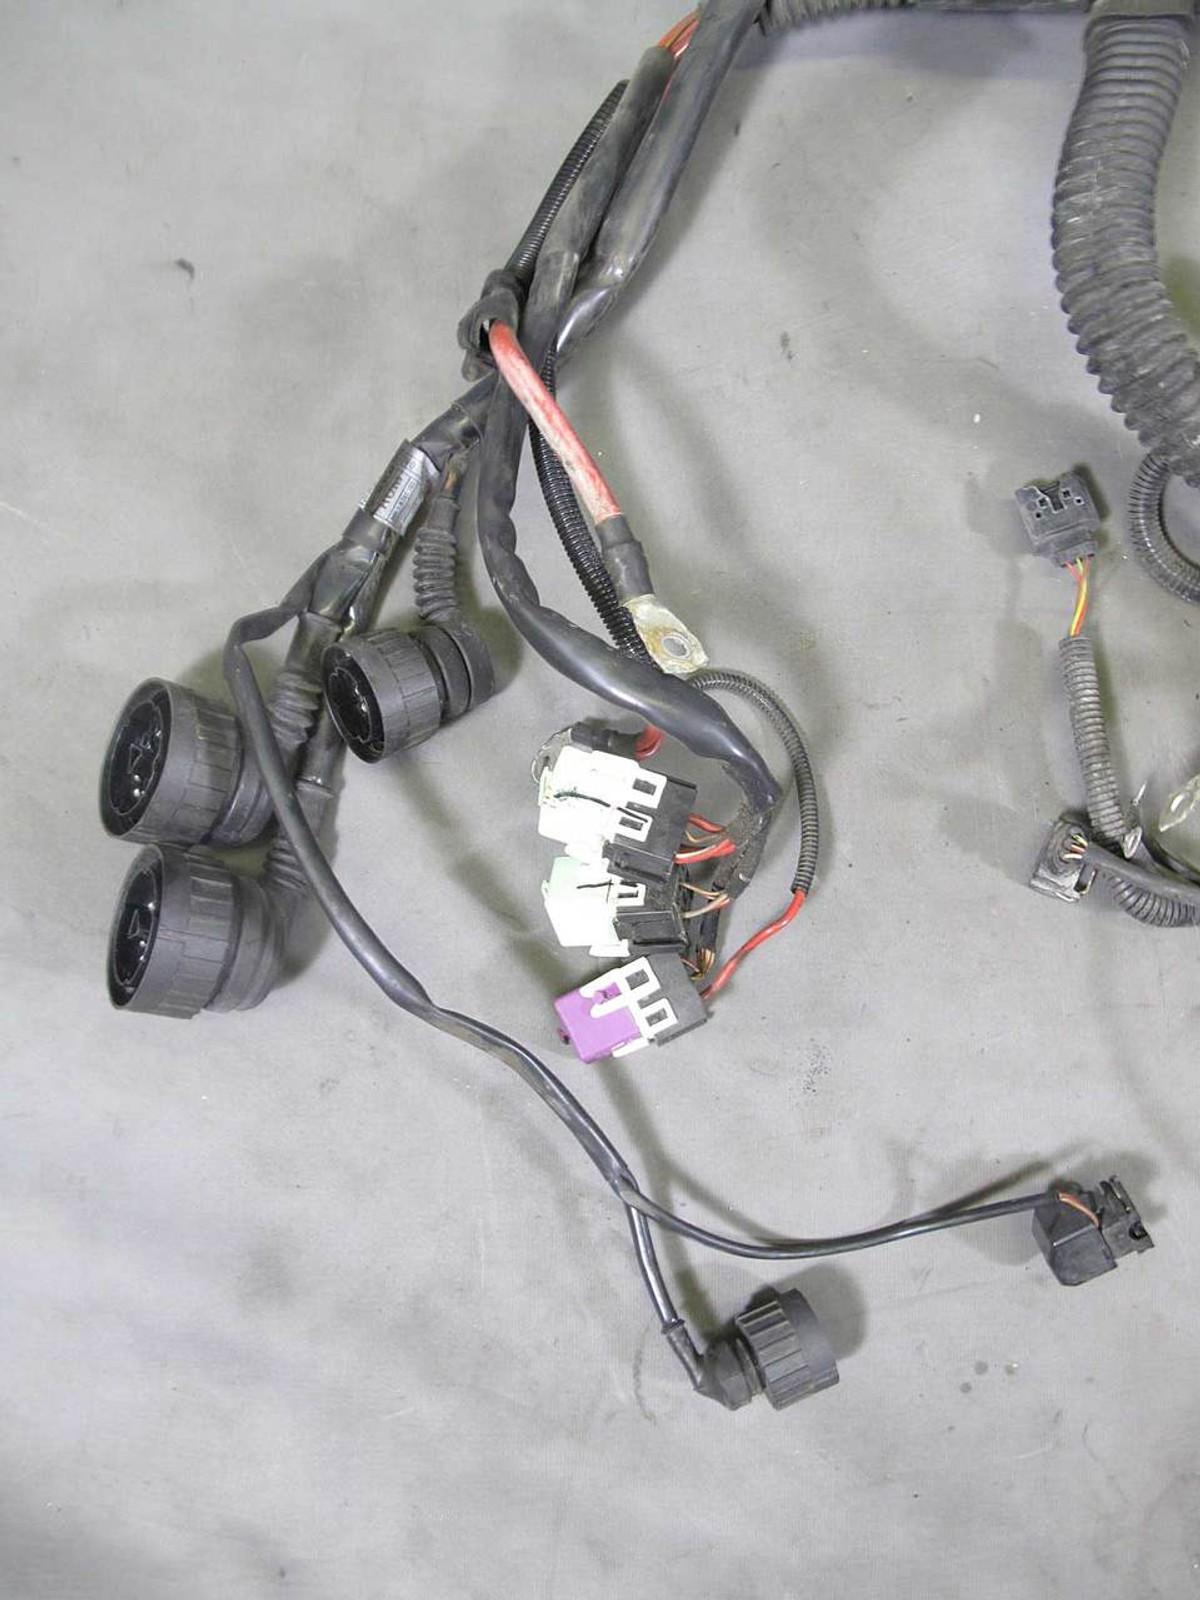 bmw 328 front wiring wiring diagram blogs bmw m6 front 328i wiring harness trusted wiring diagram [ 960 x 1280 Pixel ]